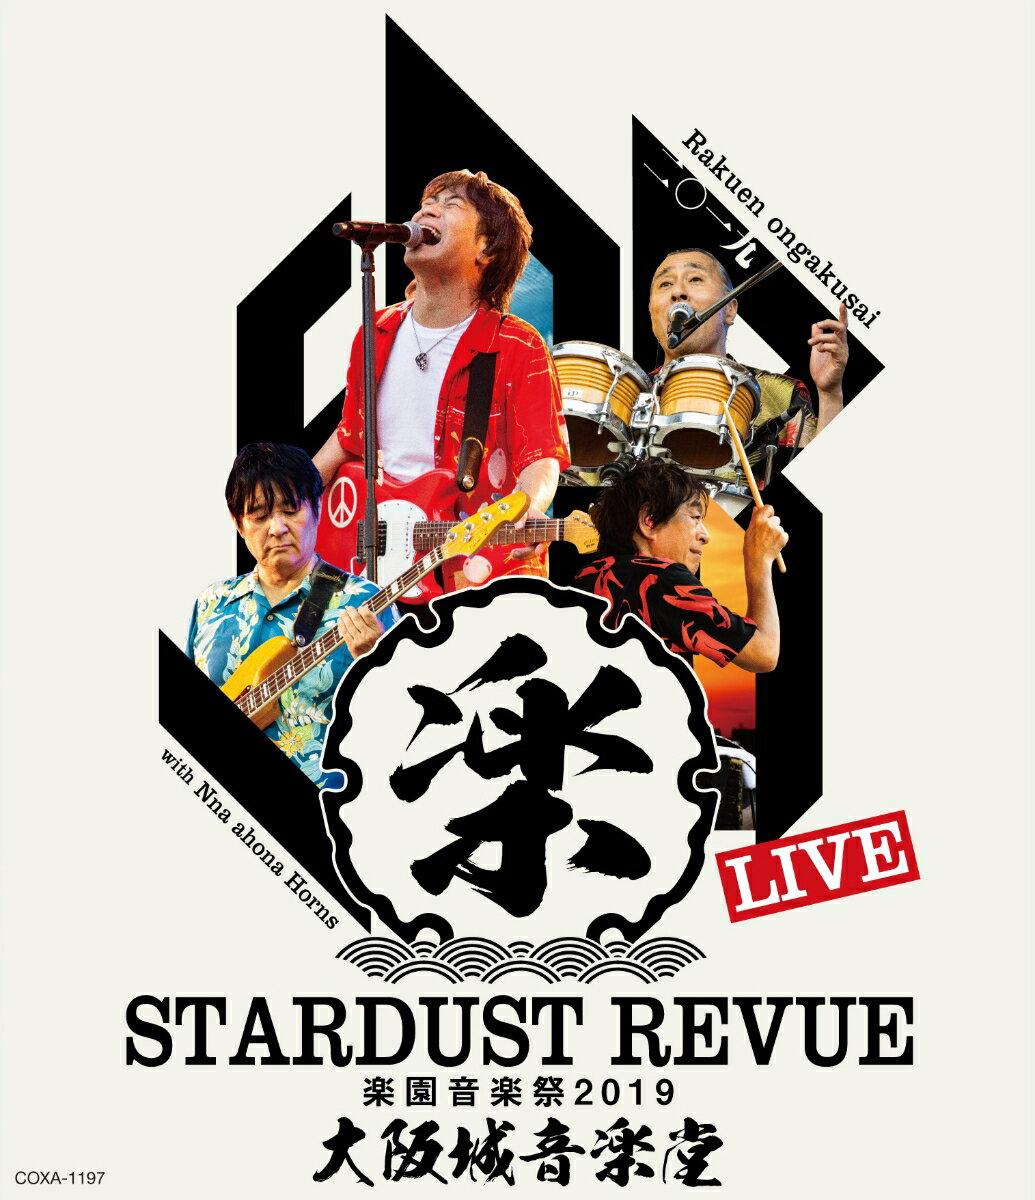 STARDUST REVUE 楽園音楽祭 2019 大阪城音楽堂【初回限定盤】【Blu-ray】